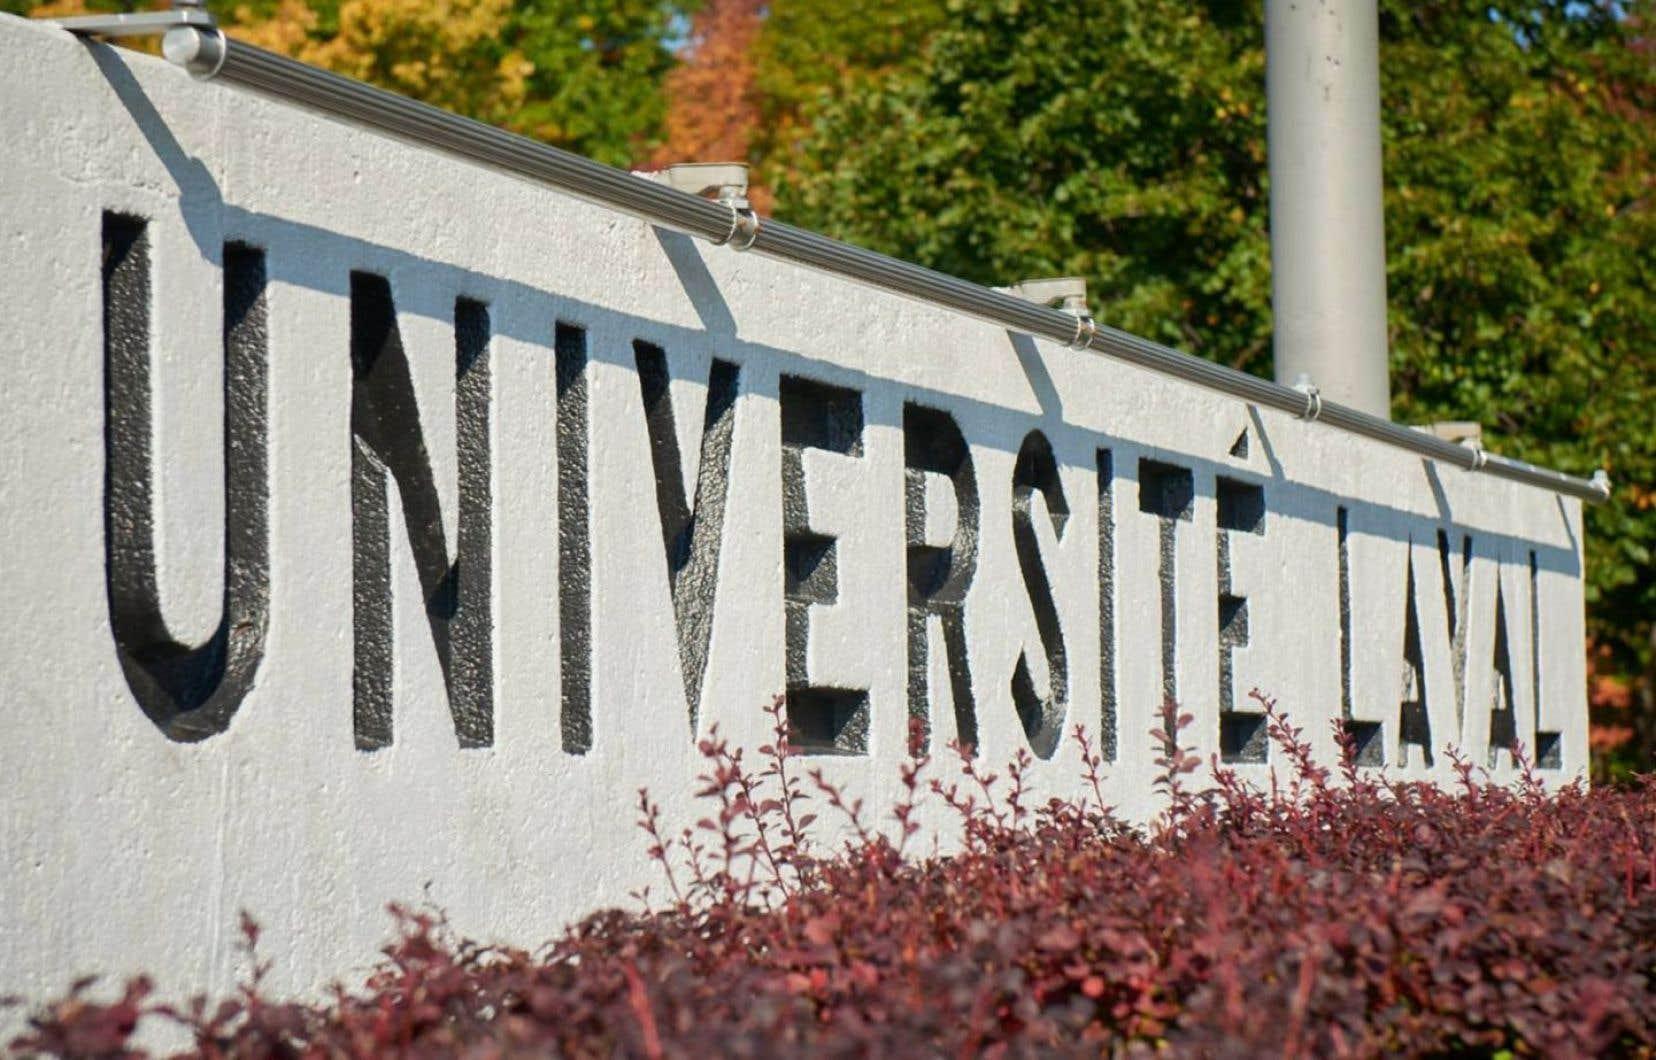 Pire encore: l'Université Laval finance en partie ce cadeau par les économies qu'elle a faites au cours du conflit, en épargnant justement sur le salaire des grévistes.